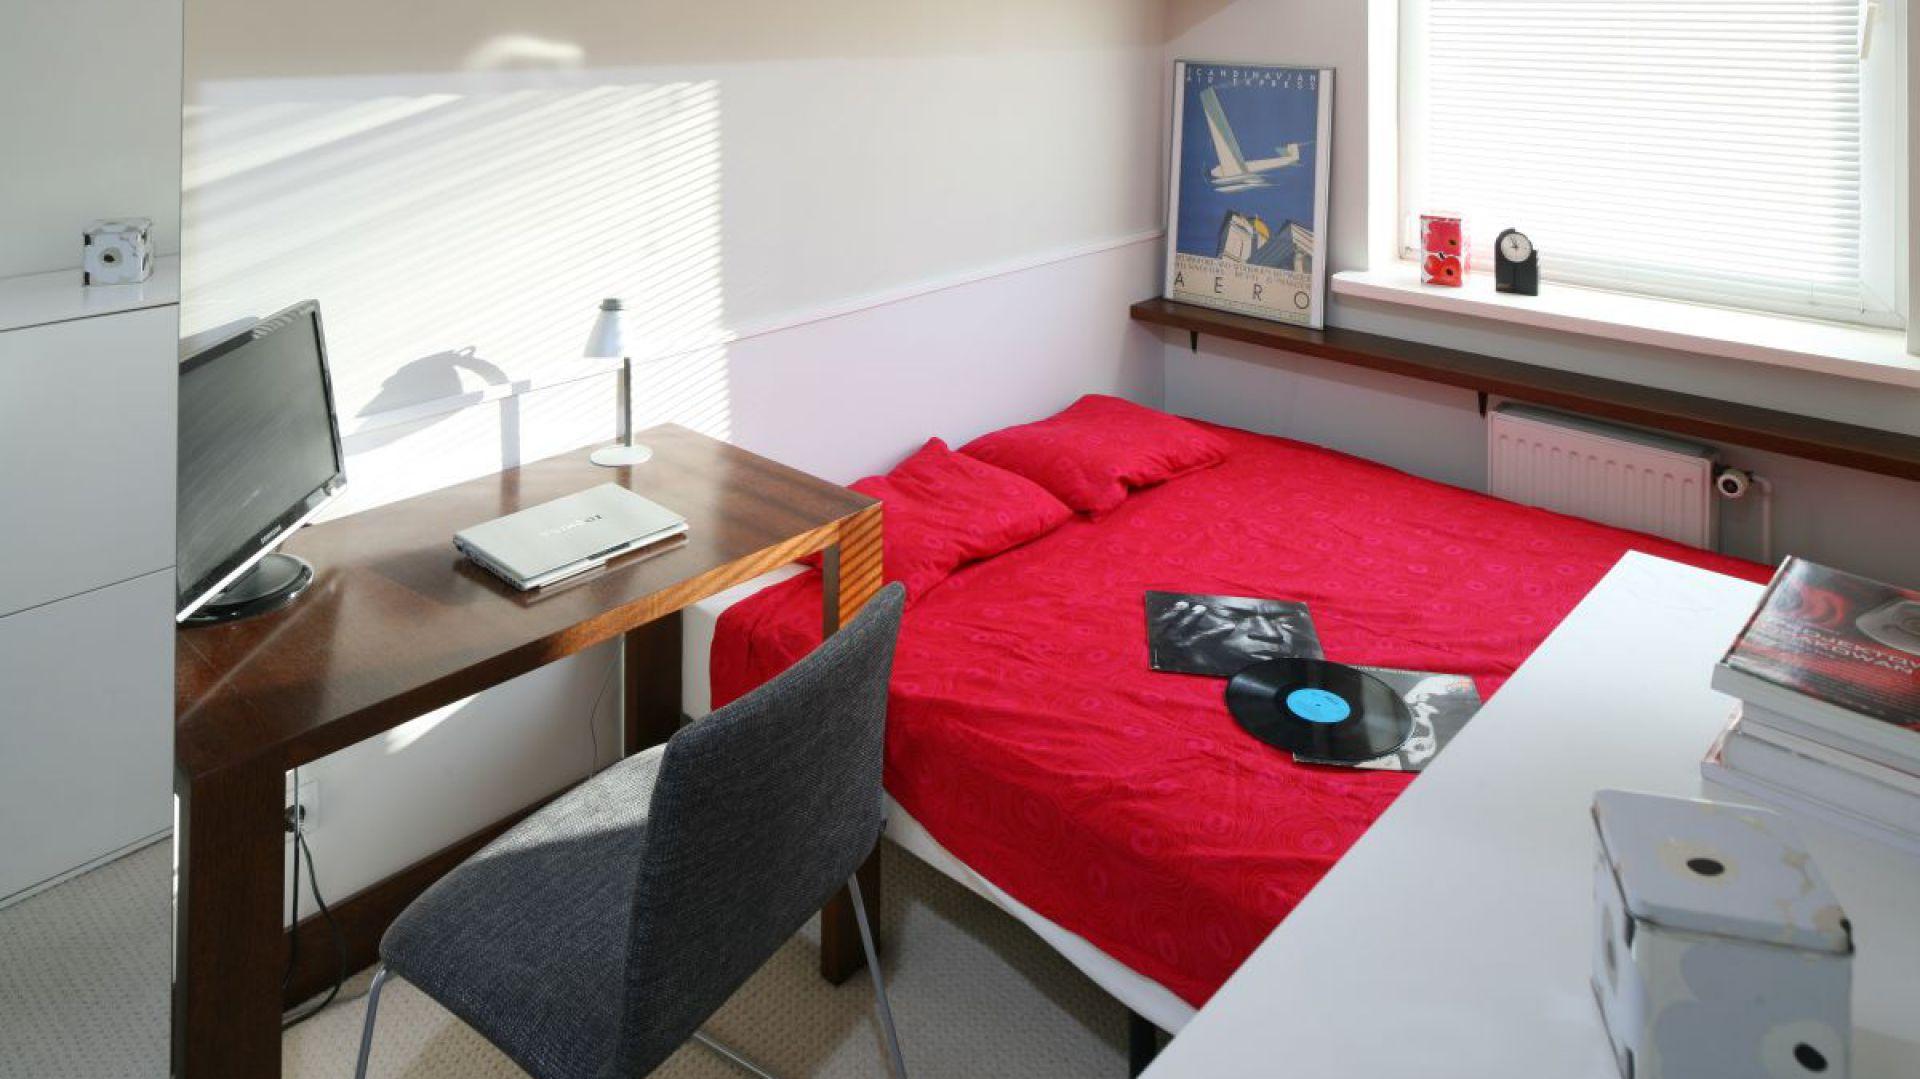 Mała sypialnię urządzono funkcjonalnie. Na niewielkiej powierzchni udało się wygospodarować miejsce na łóżko, szafę oraz wygodne miejsce do pracy. Fot. Bartosz Jarosz.